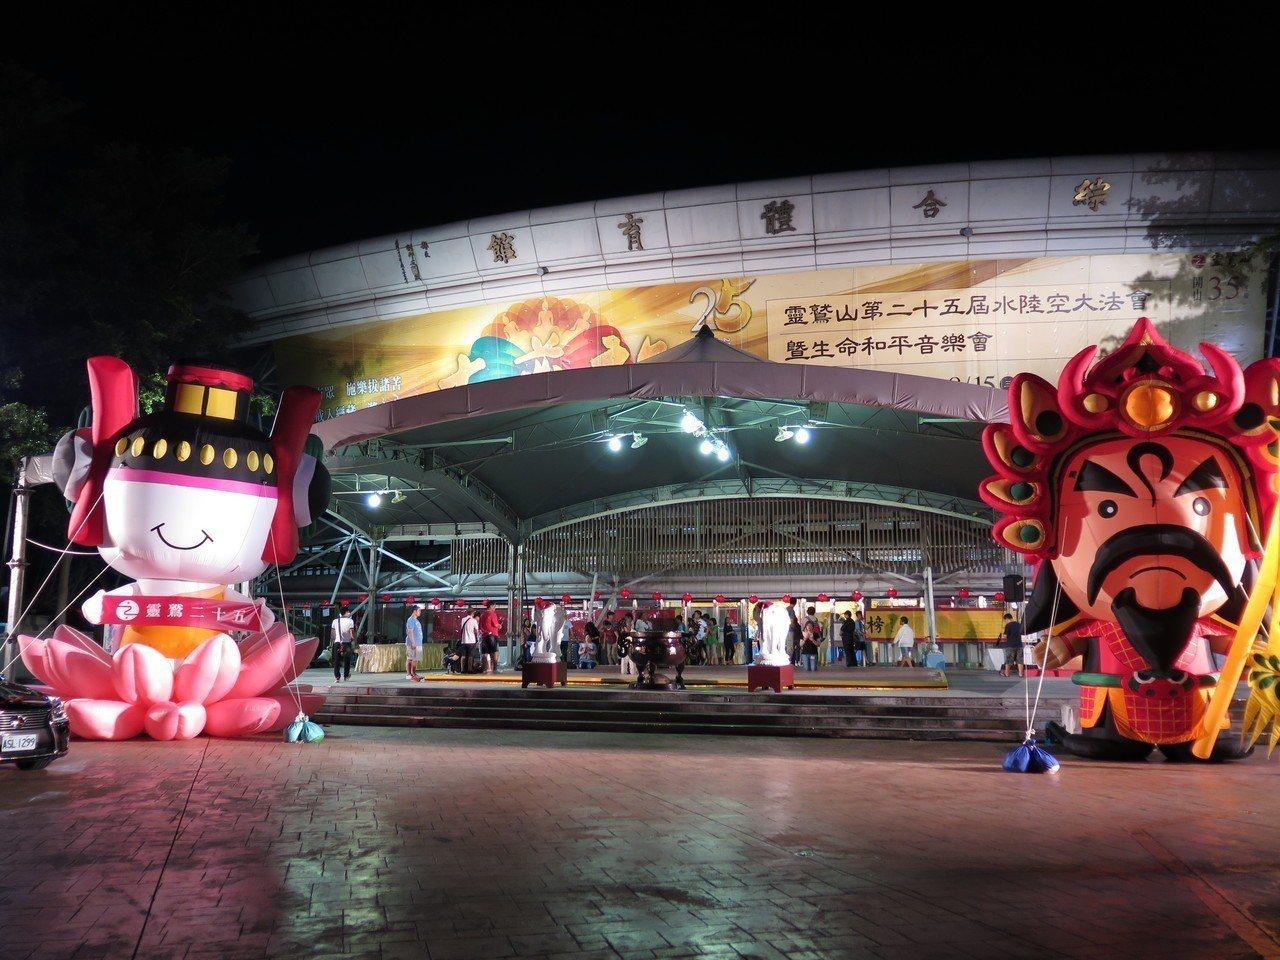 靈鷲山第25屆水陸空大法會暨生命和平音樂會啟建,為期八天七夜。記者張裕珍/攝影